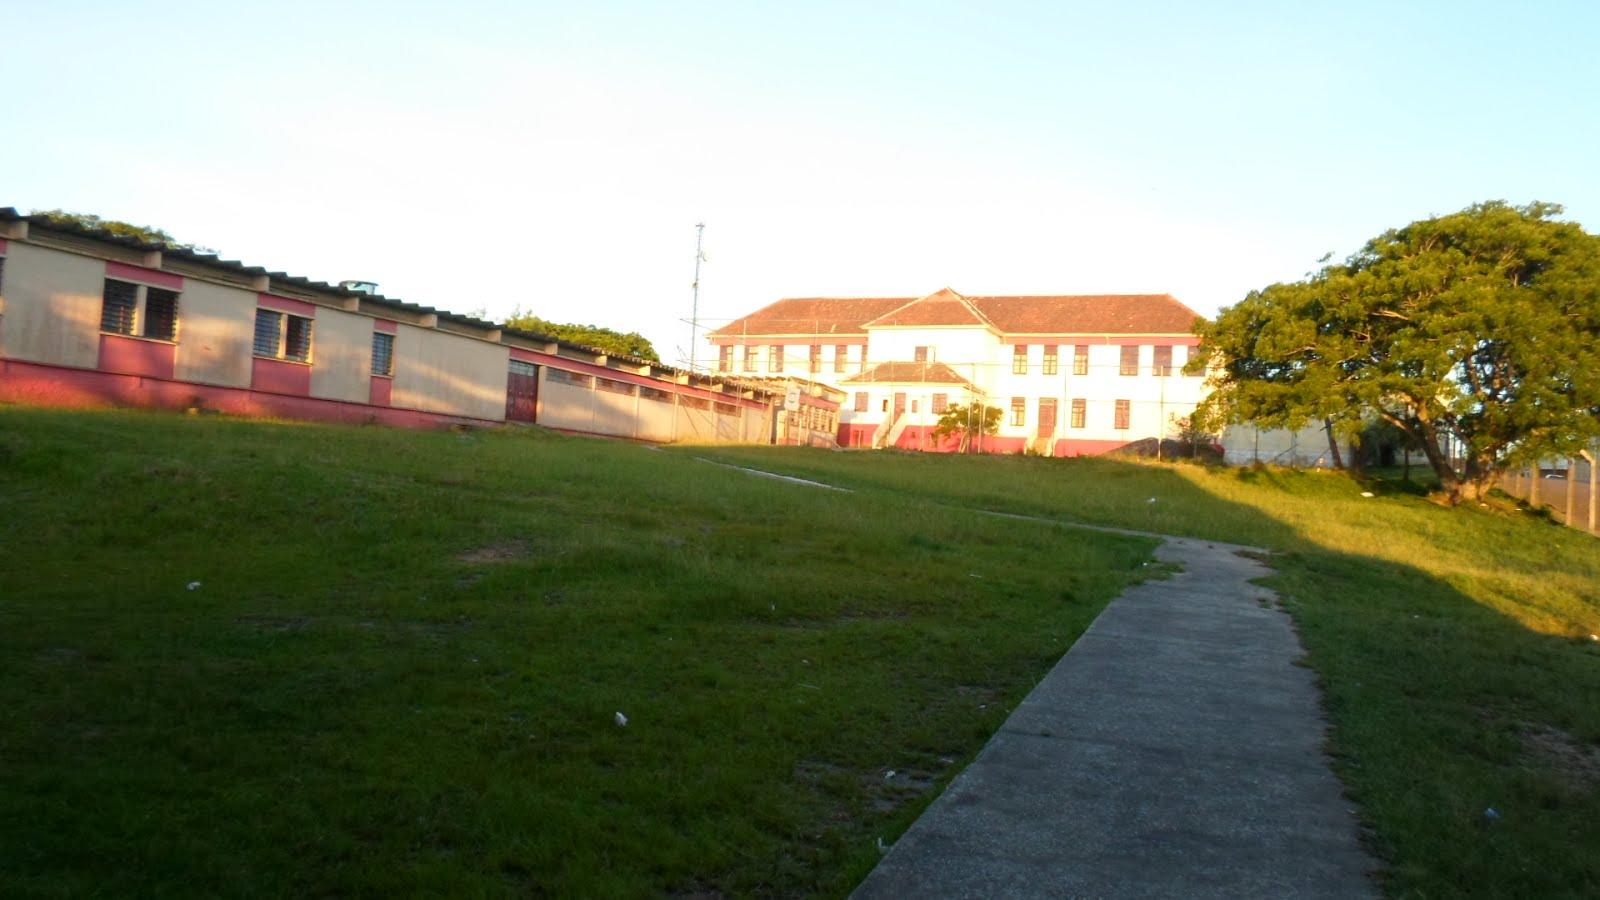 Num final de tarde, a bela visão do fundo do nosso Hipólito Ribeiro